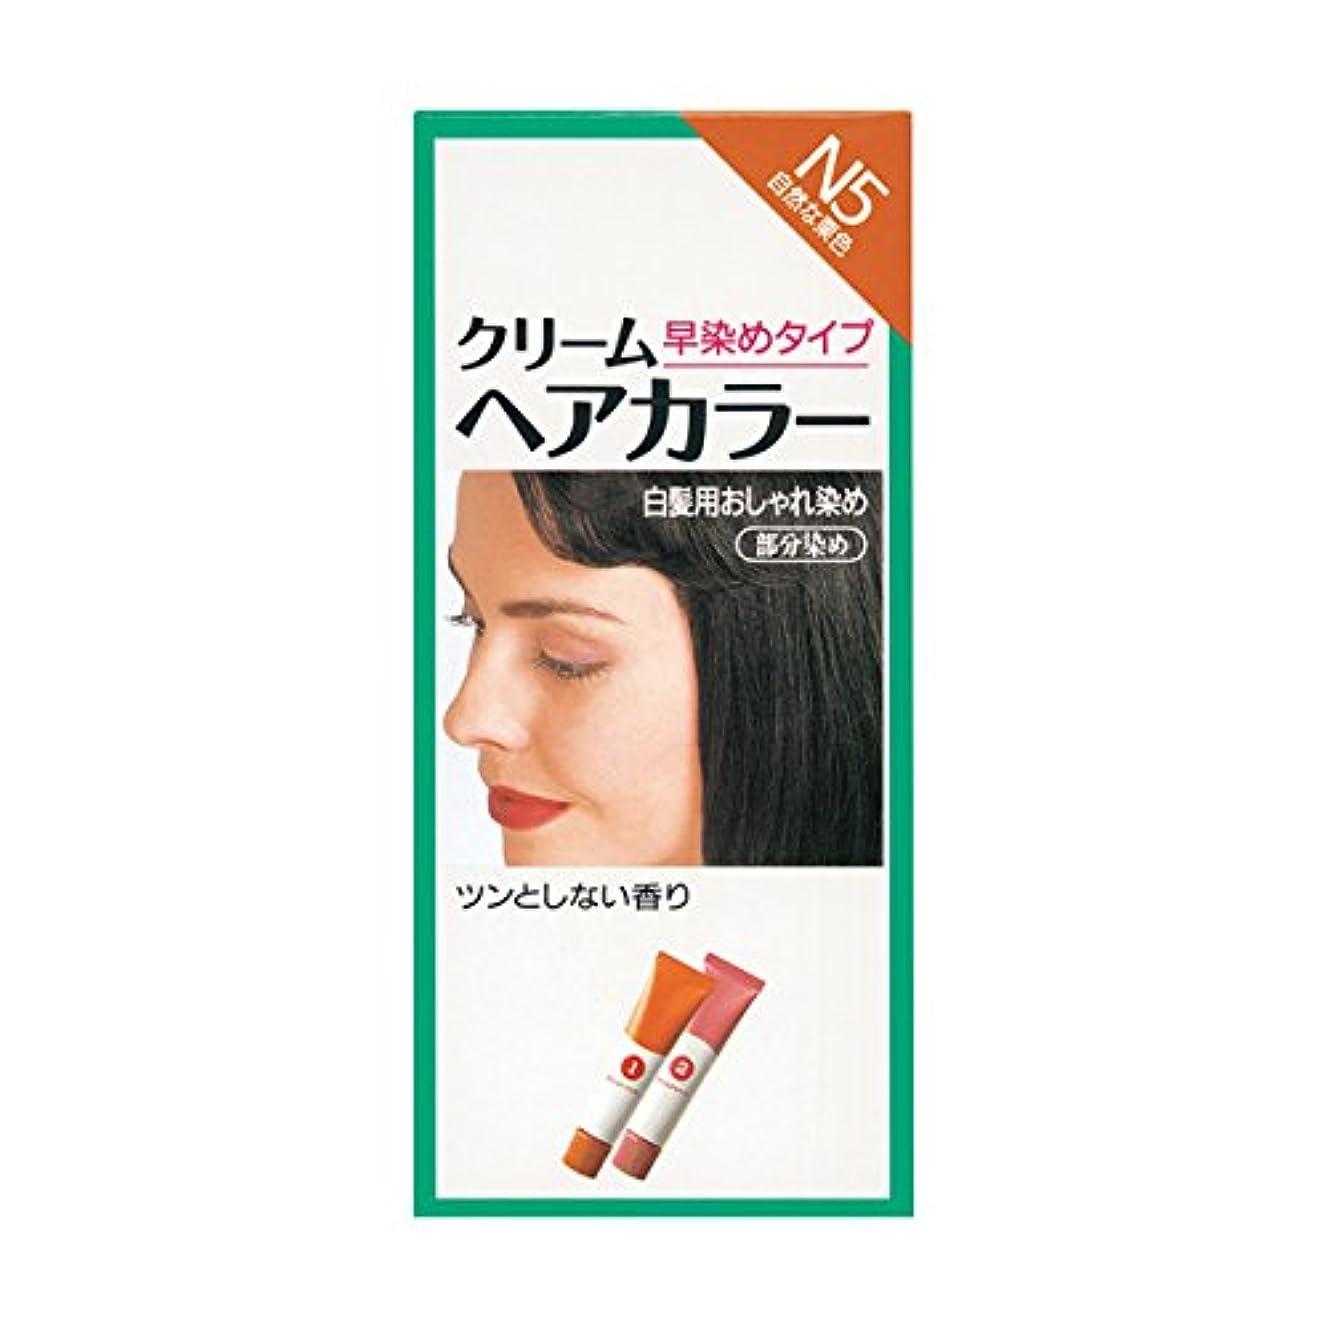 偶然の禁止重々しいヘアカラー クリームヘアカラーN N5 【医薬部外品】